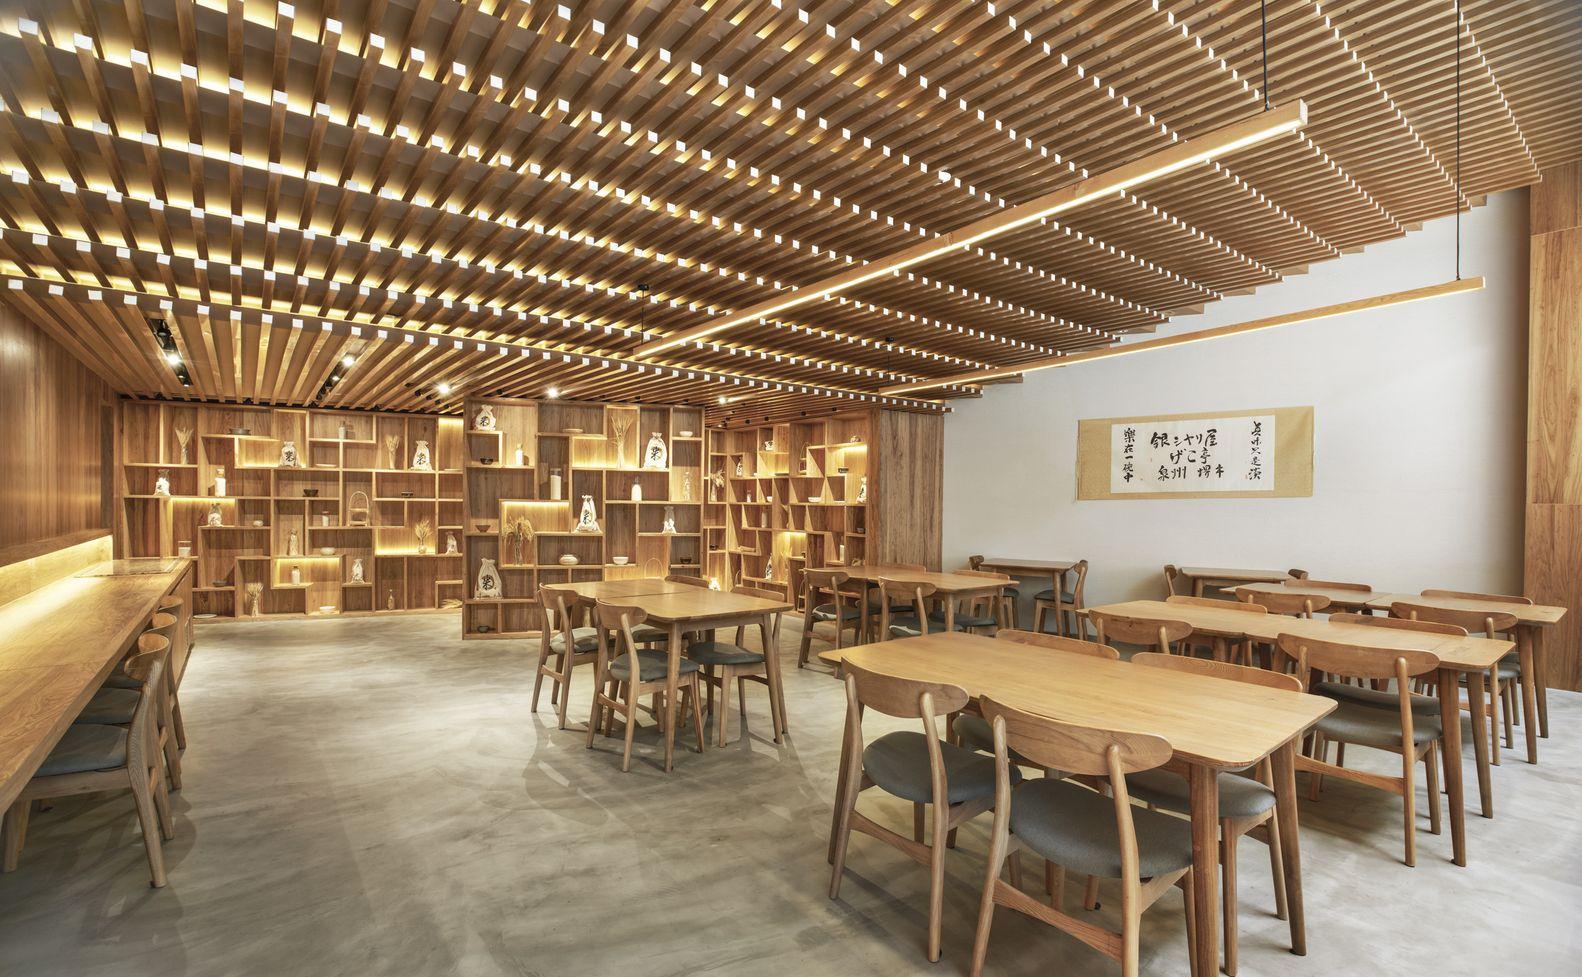 gallery of ginshariya restaurant tsutsumi associates 1 - Beaded Inset Restaurant Interior